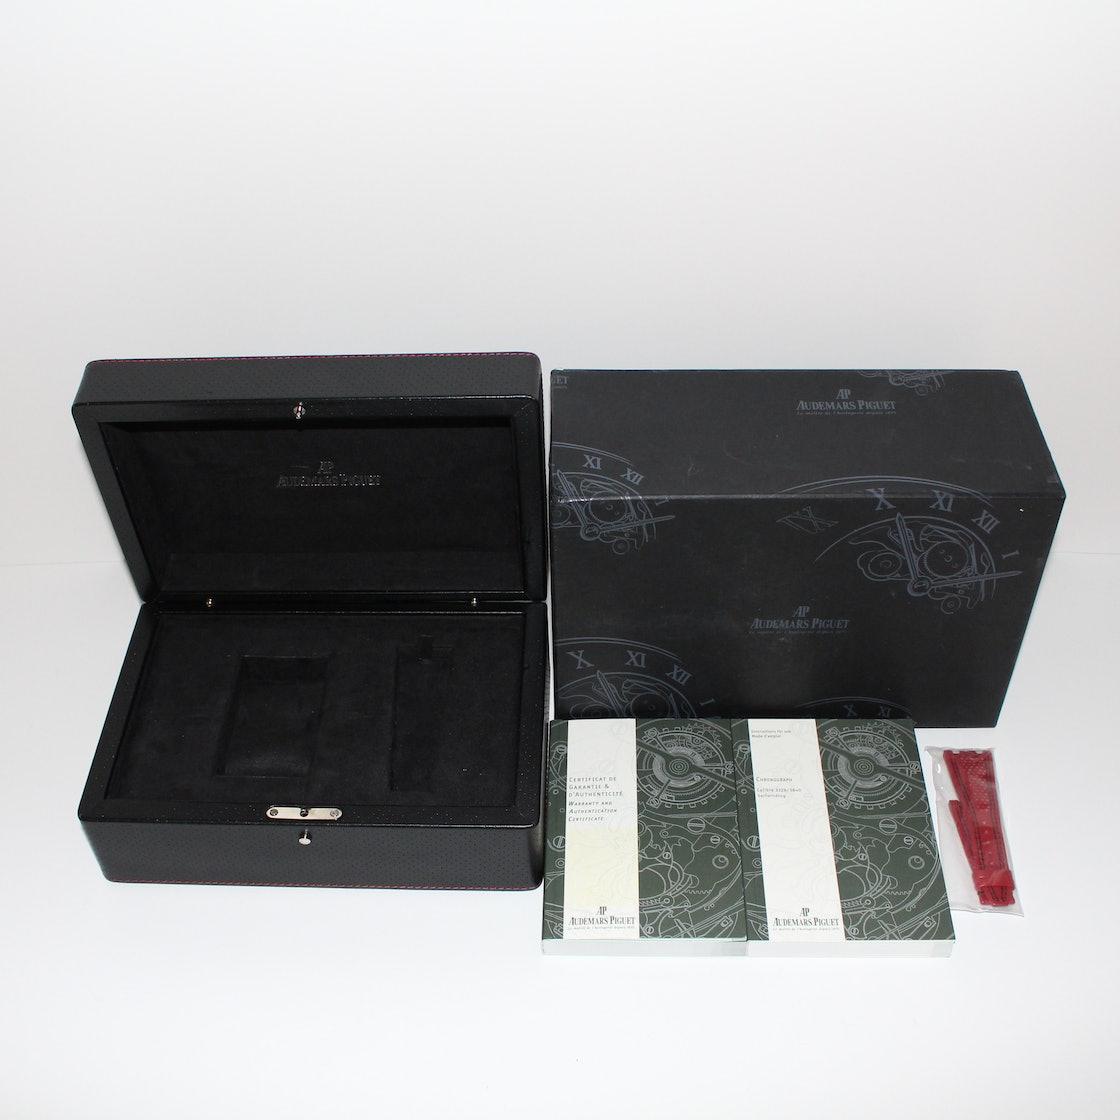 Audemars Piguet Royal Oak Offshore Singapore Grand Prix F1 Limited Edition 26190OS.OO.D003CU.01